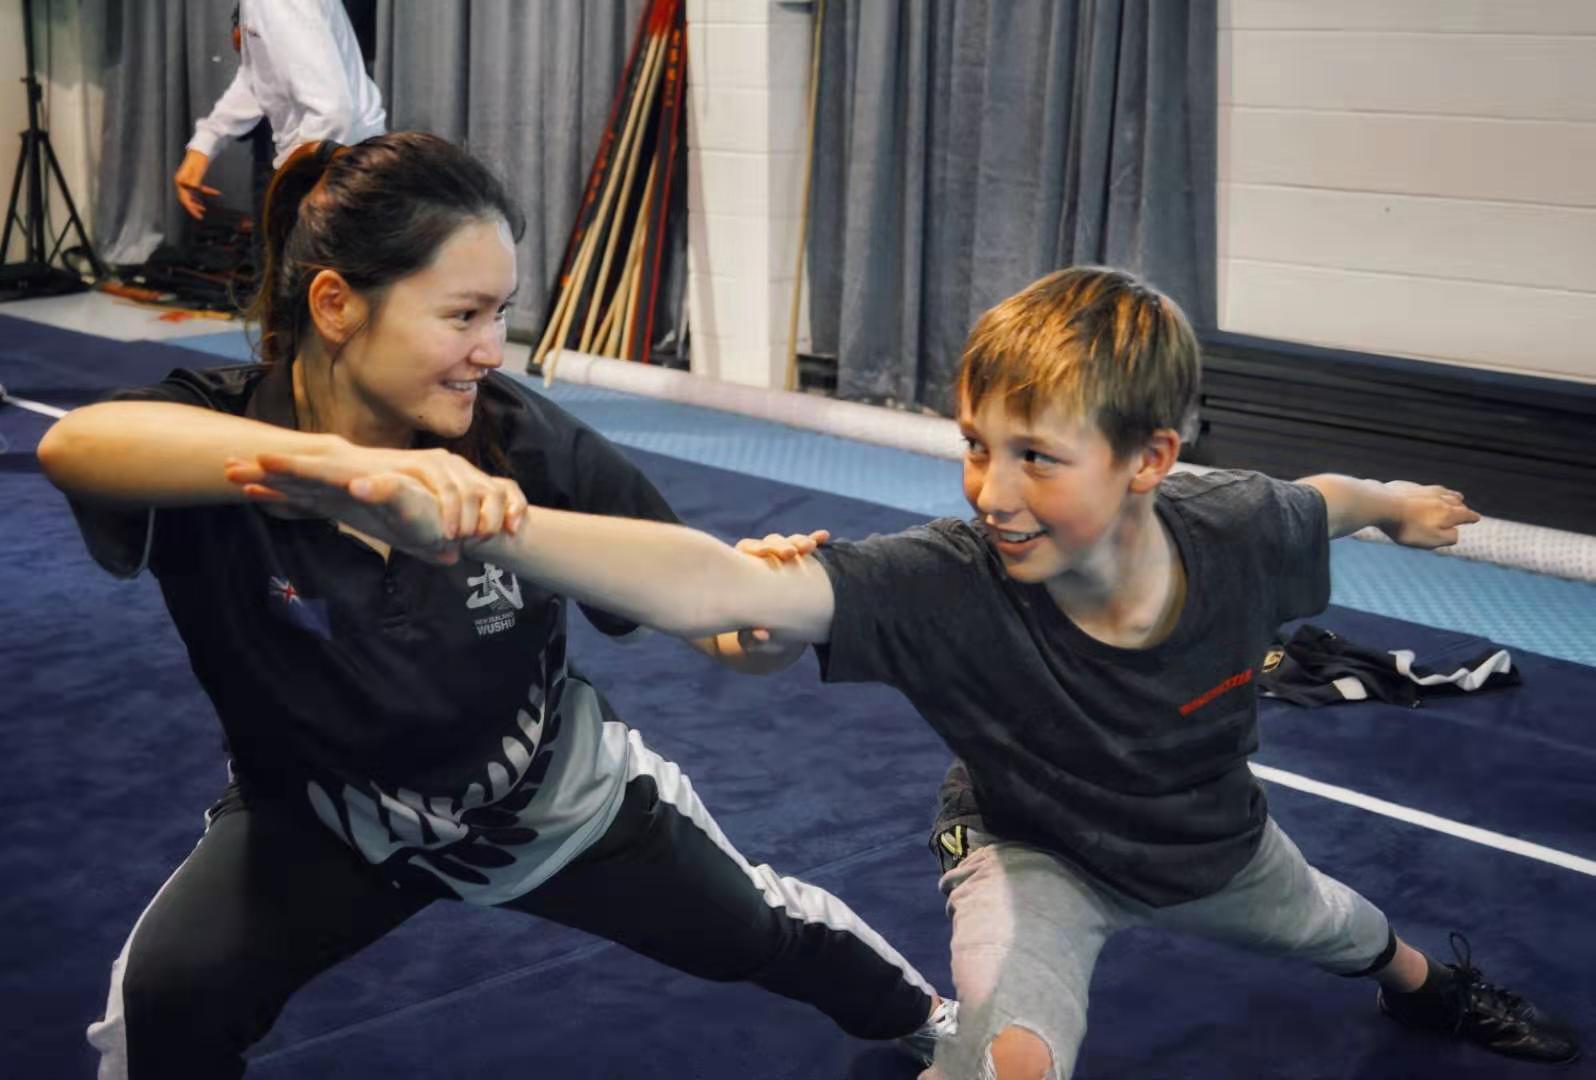 World Wushu Kungfu Day 2019